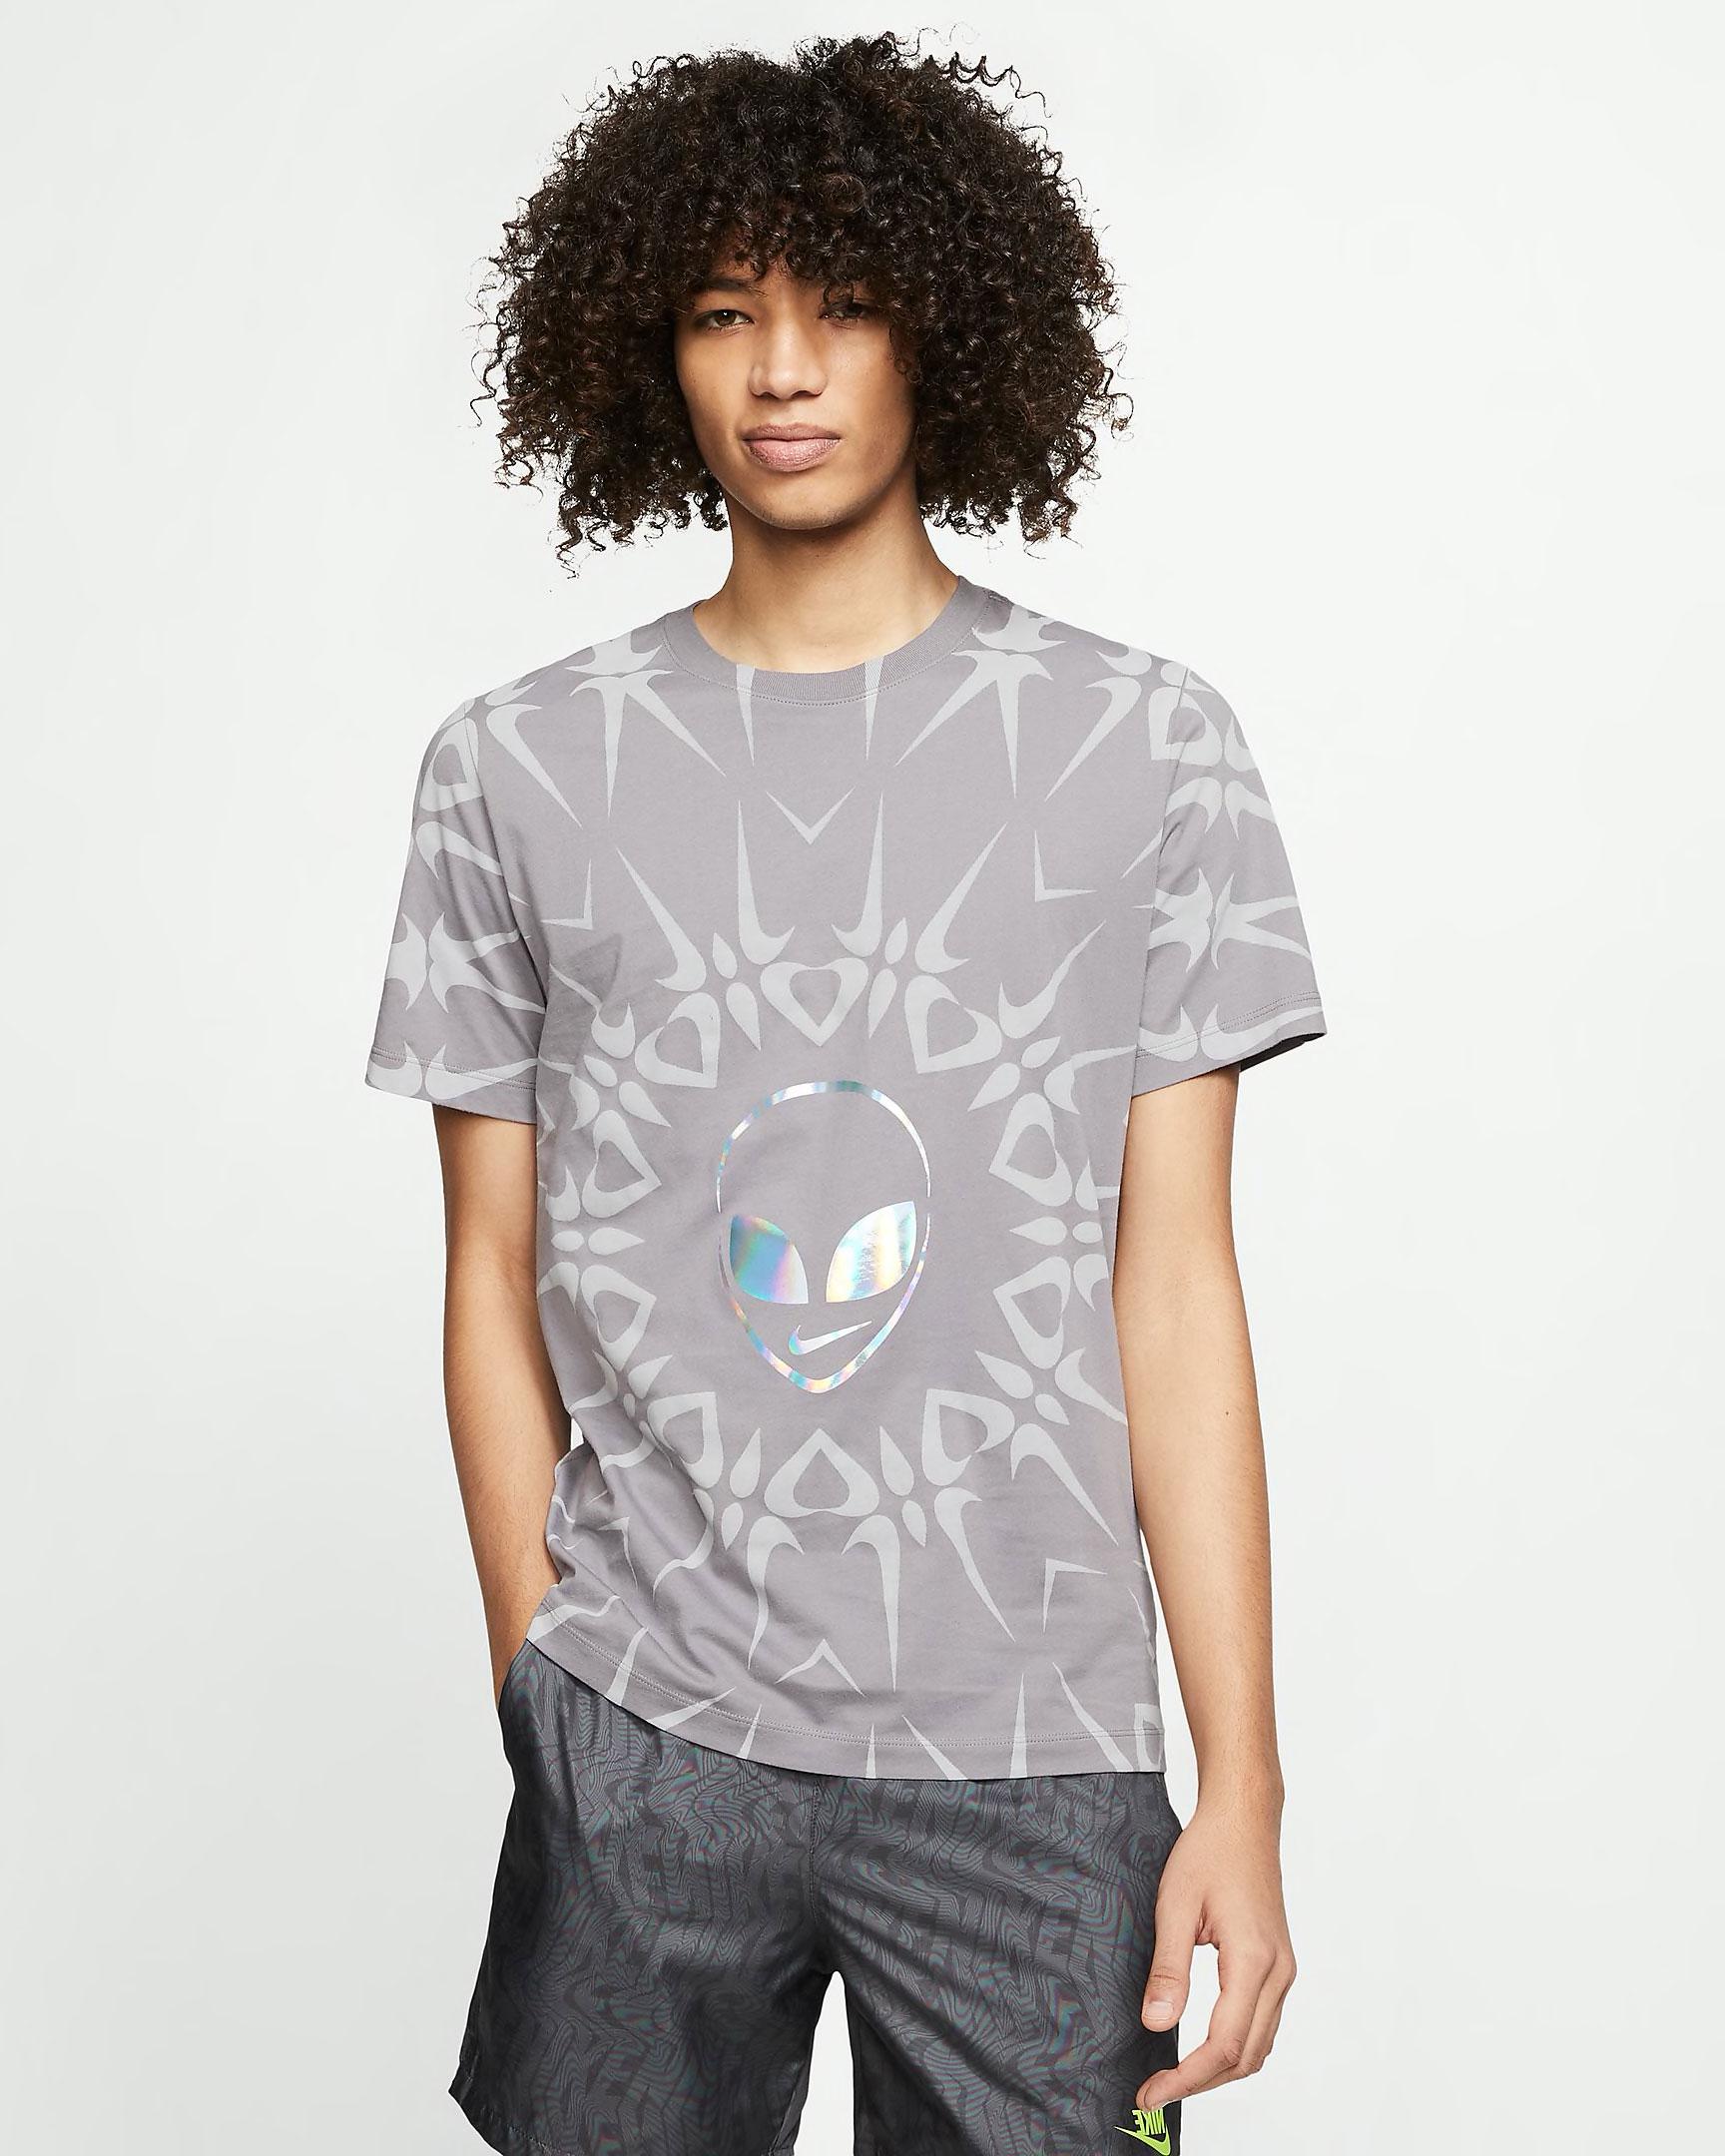 nike-air-max-95-alien-shirt-grey-silver